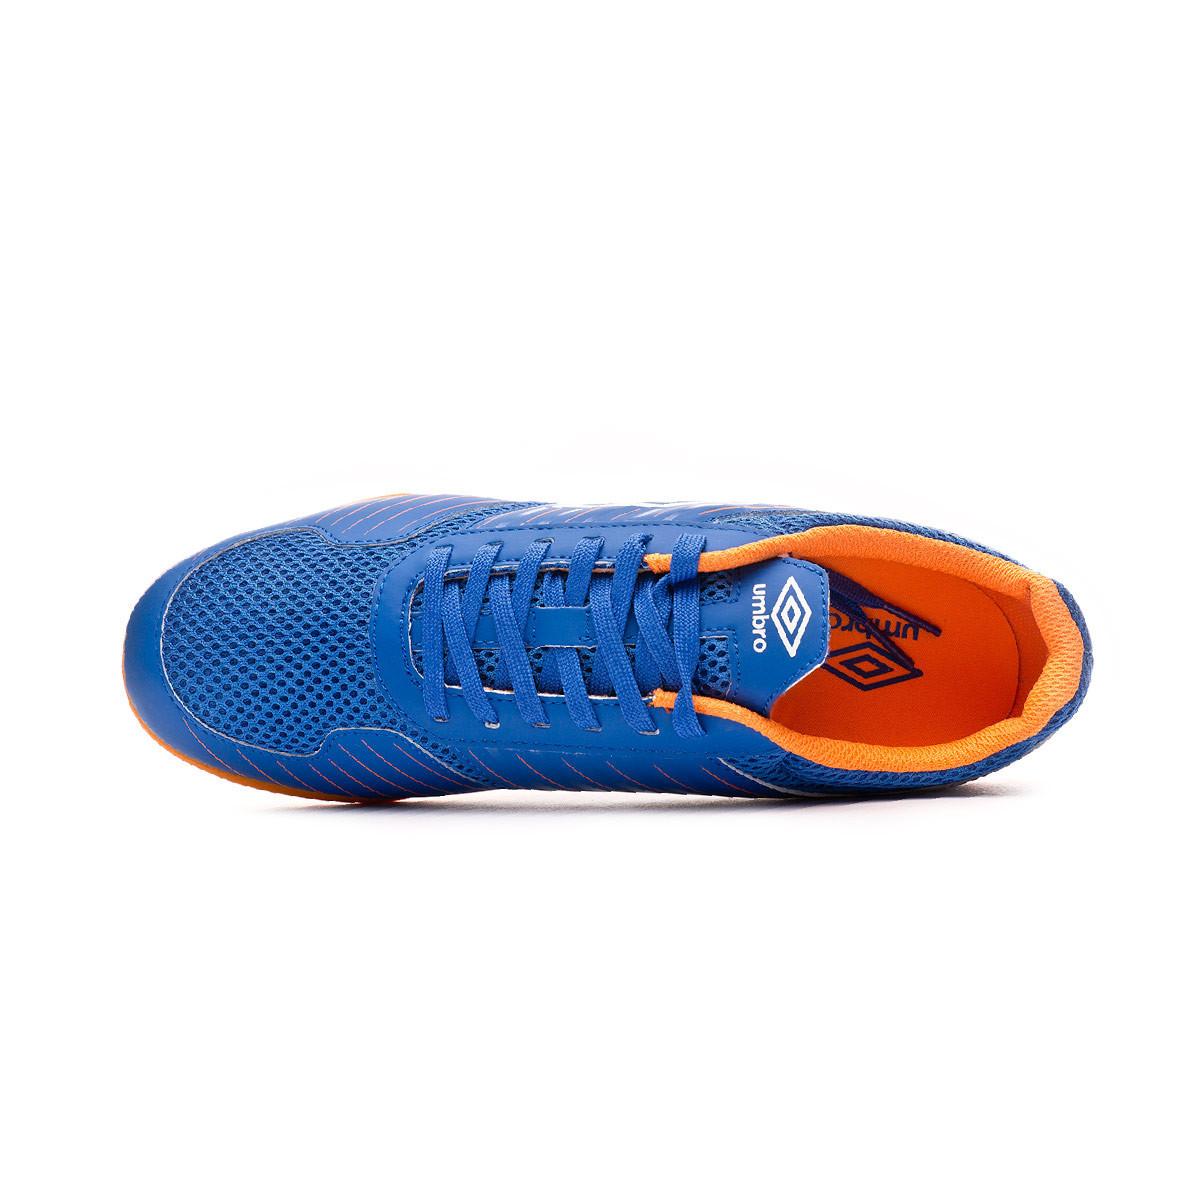 umbro skate shoes